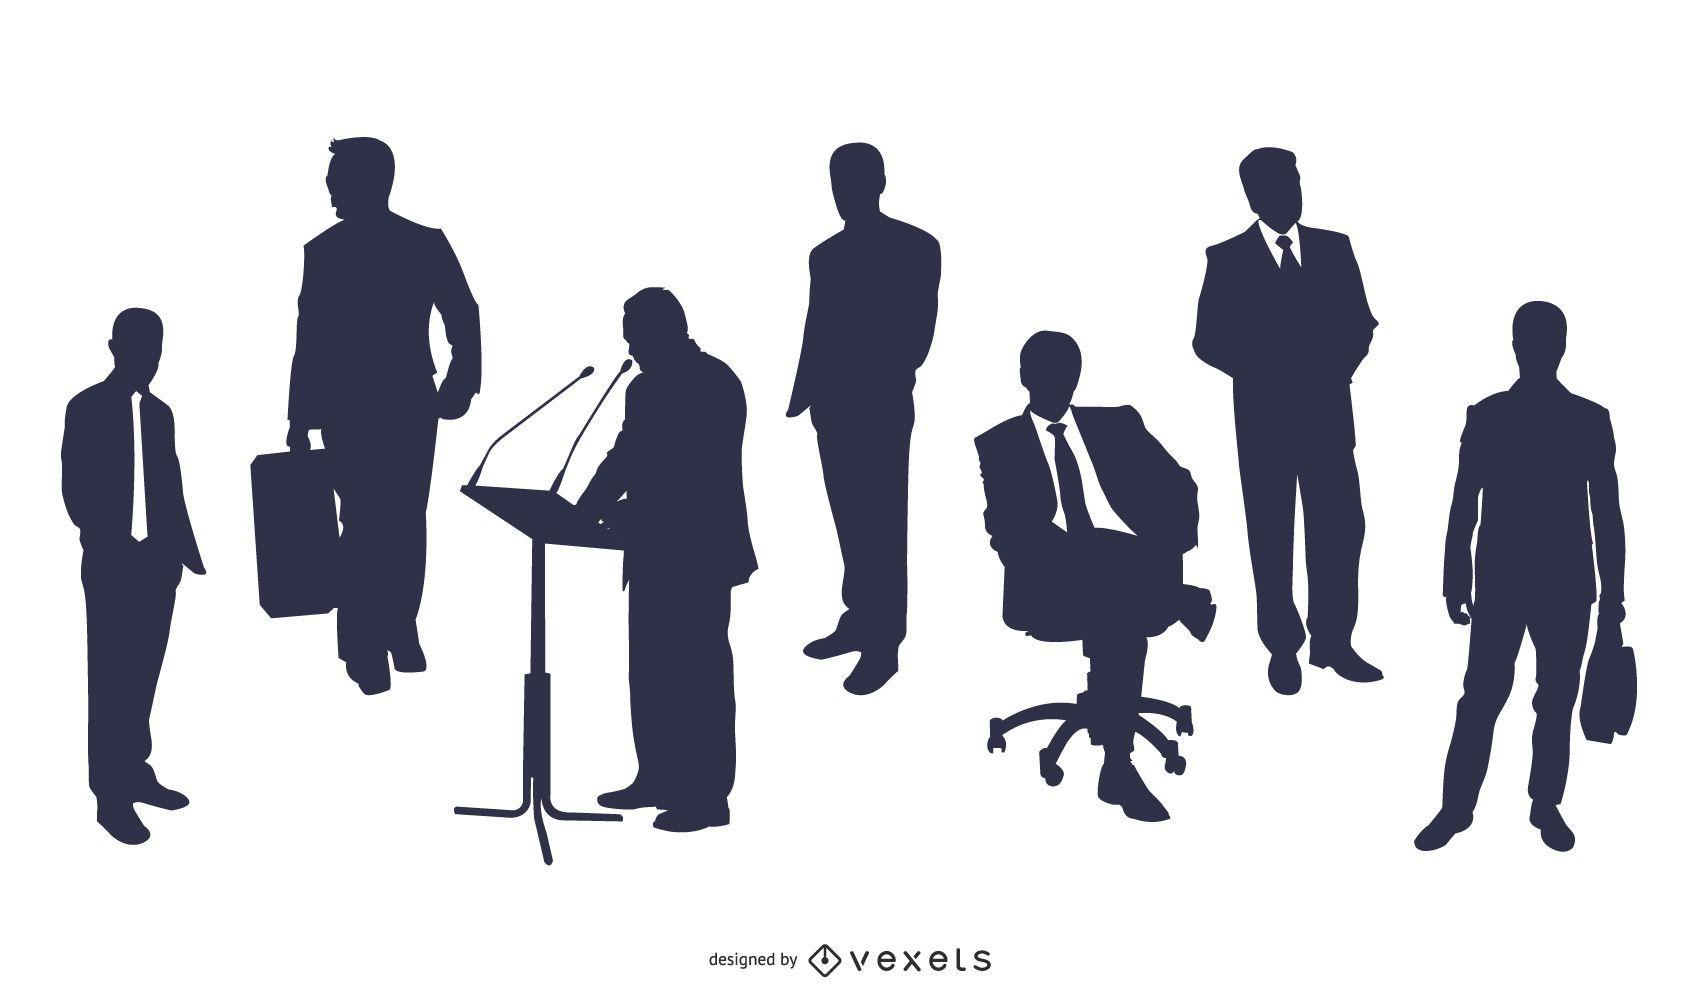 Conjunto de personas orientadas a la carrera y negocios de silueta